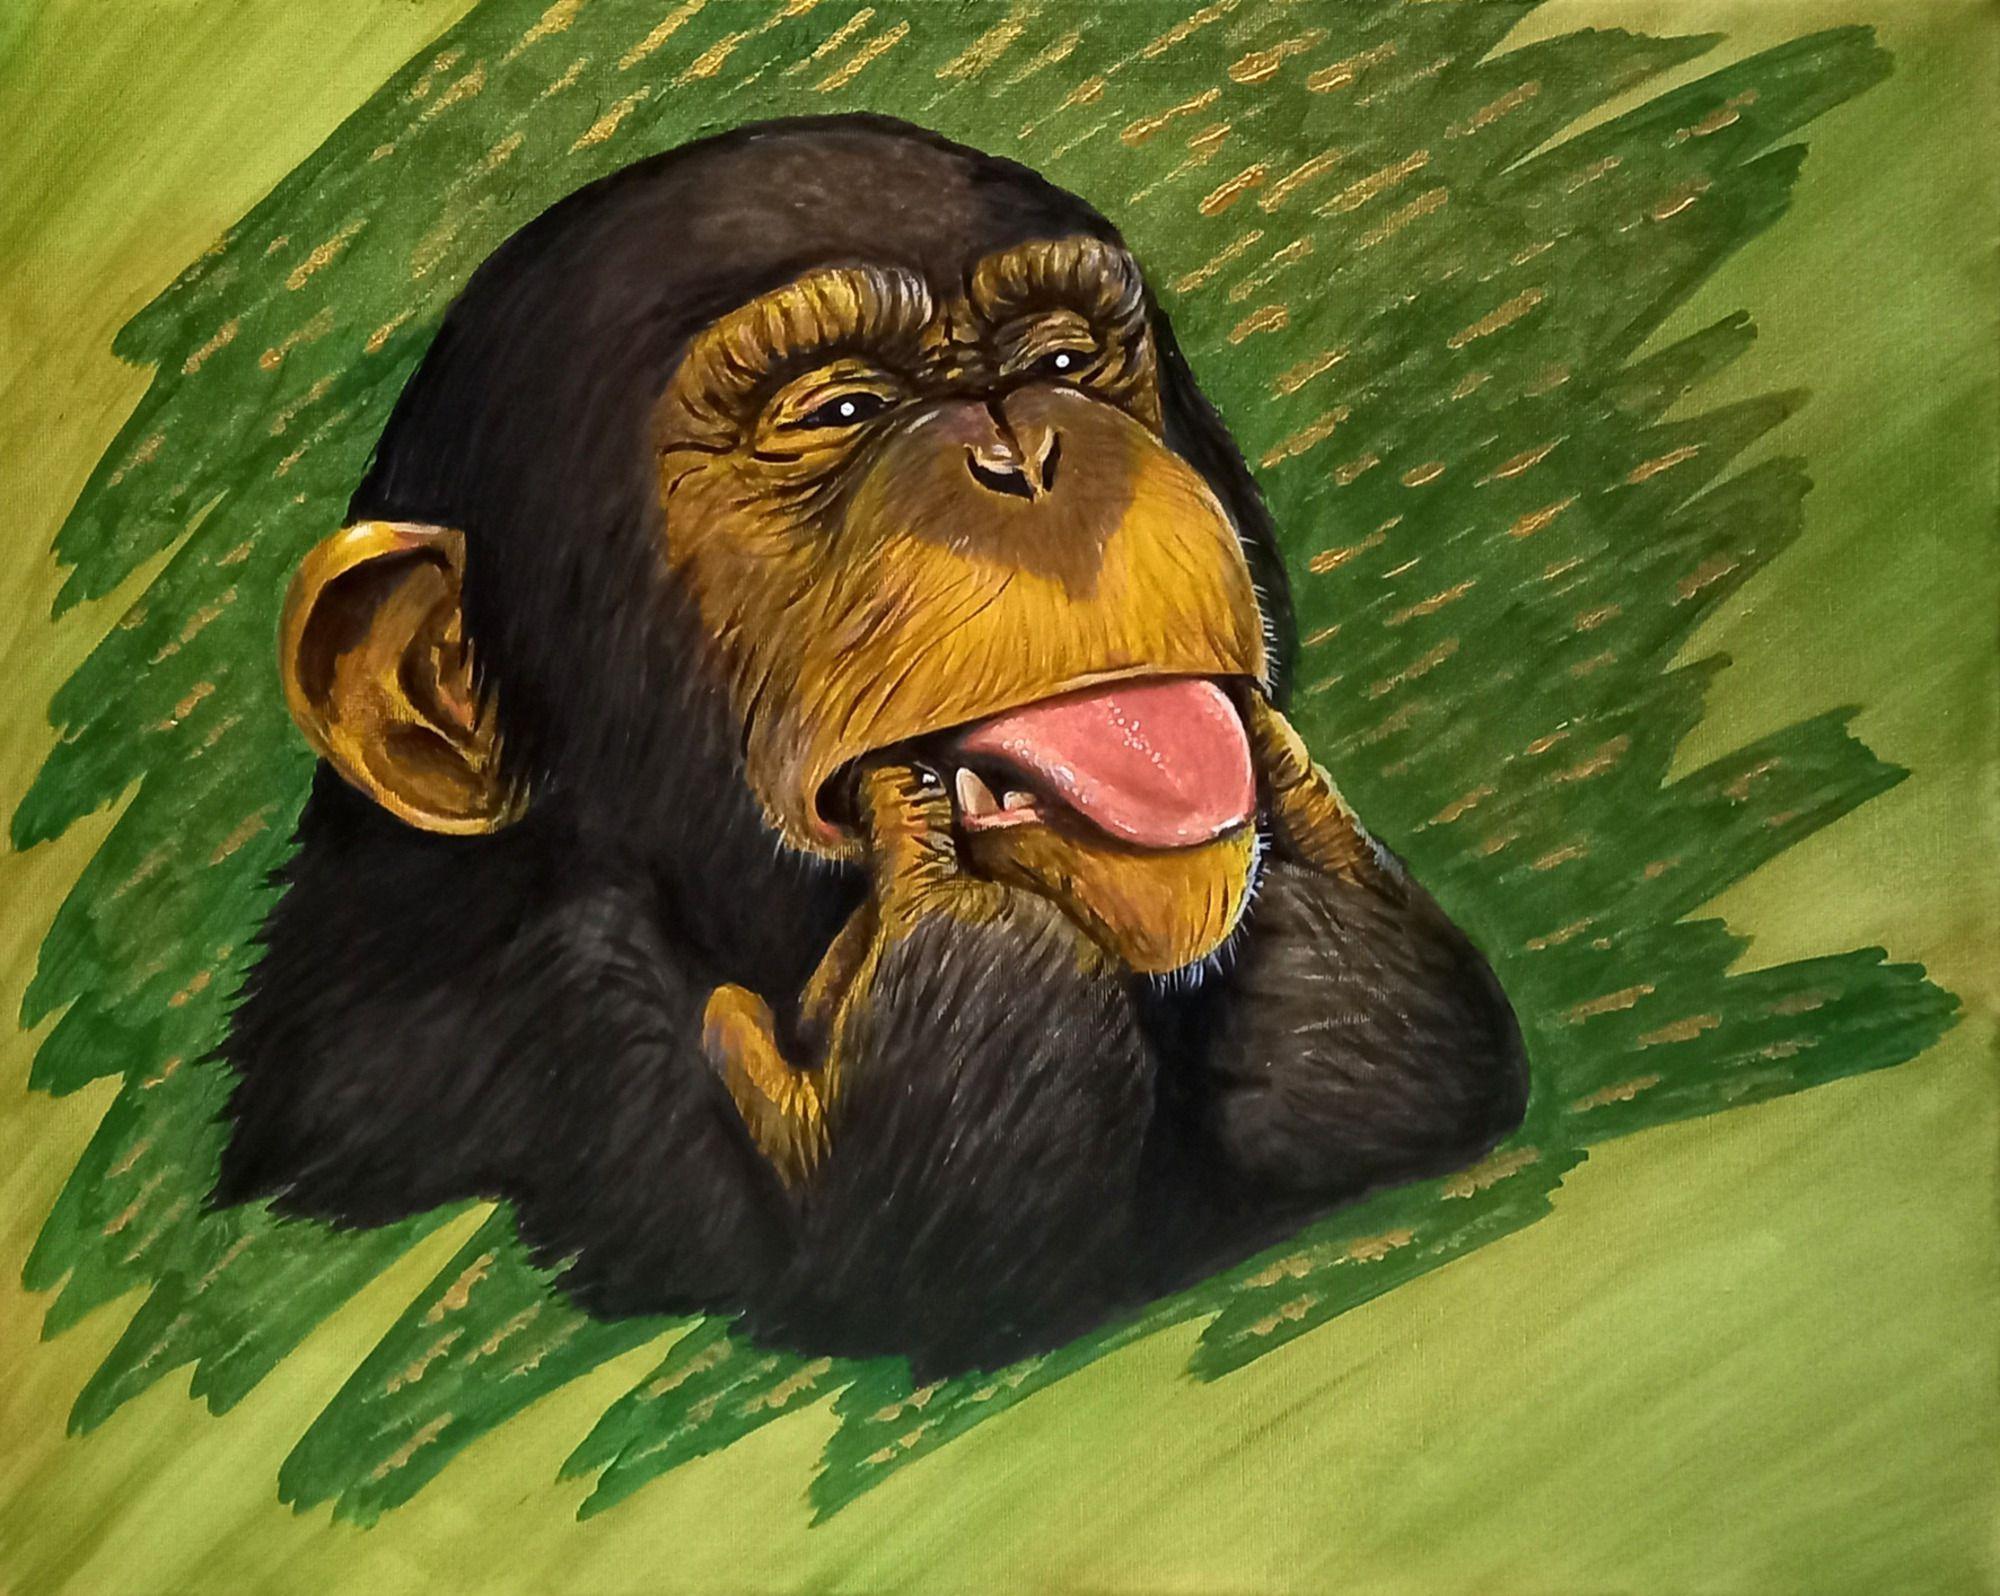 Funny monkey - 1/3